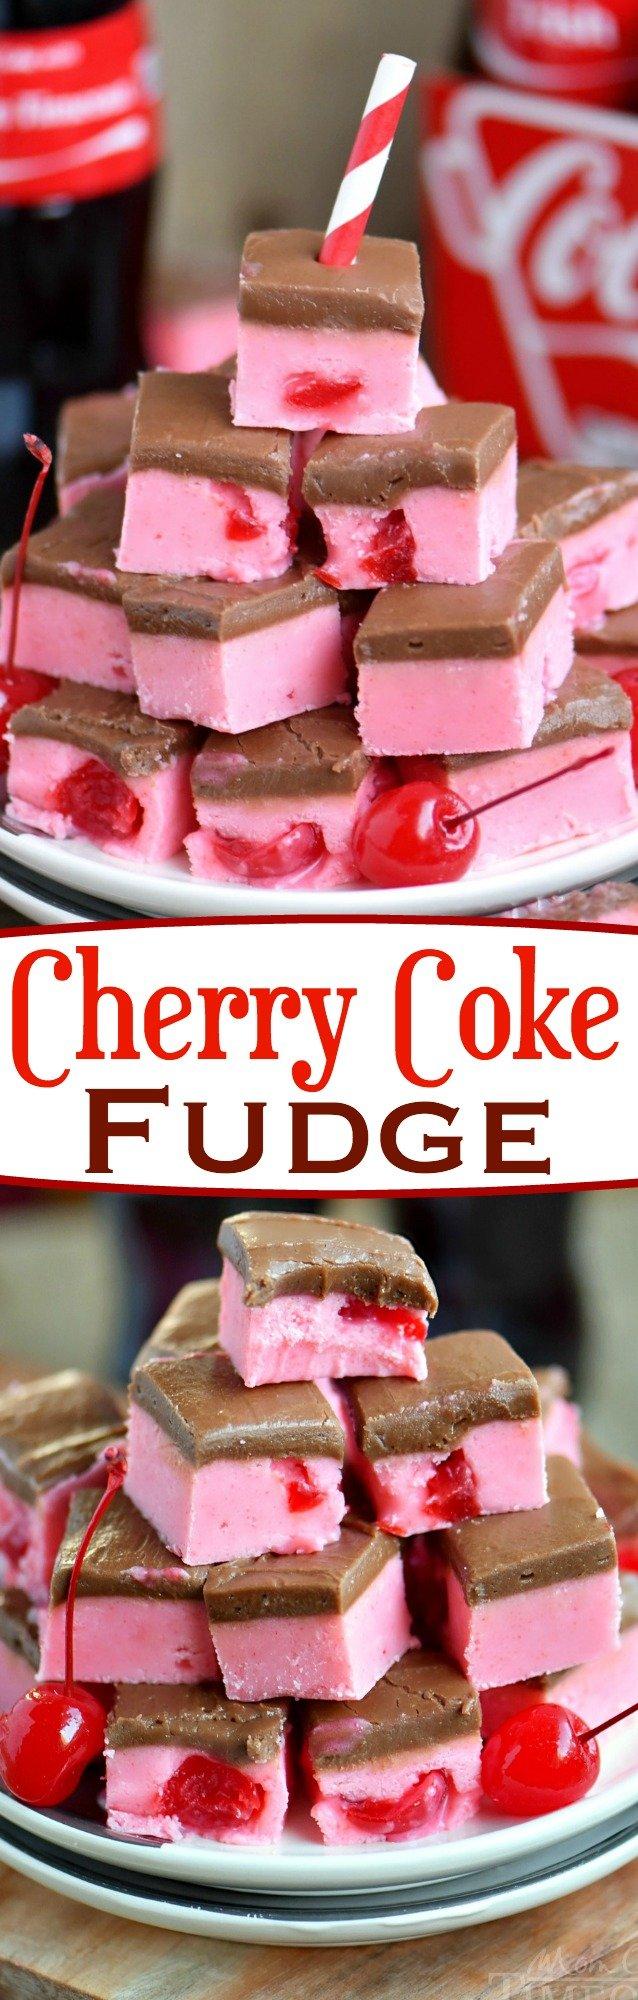 cherry-coke-fudge-collage